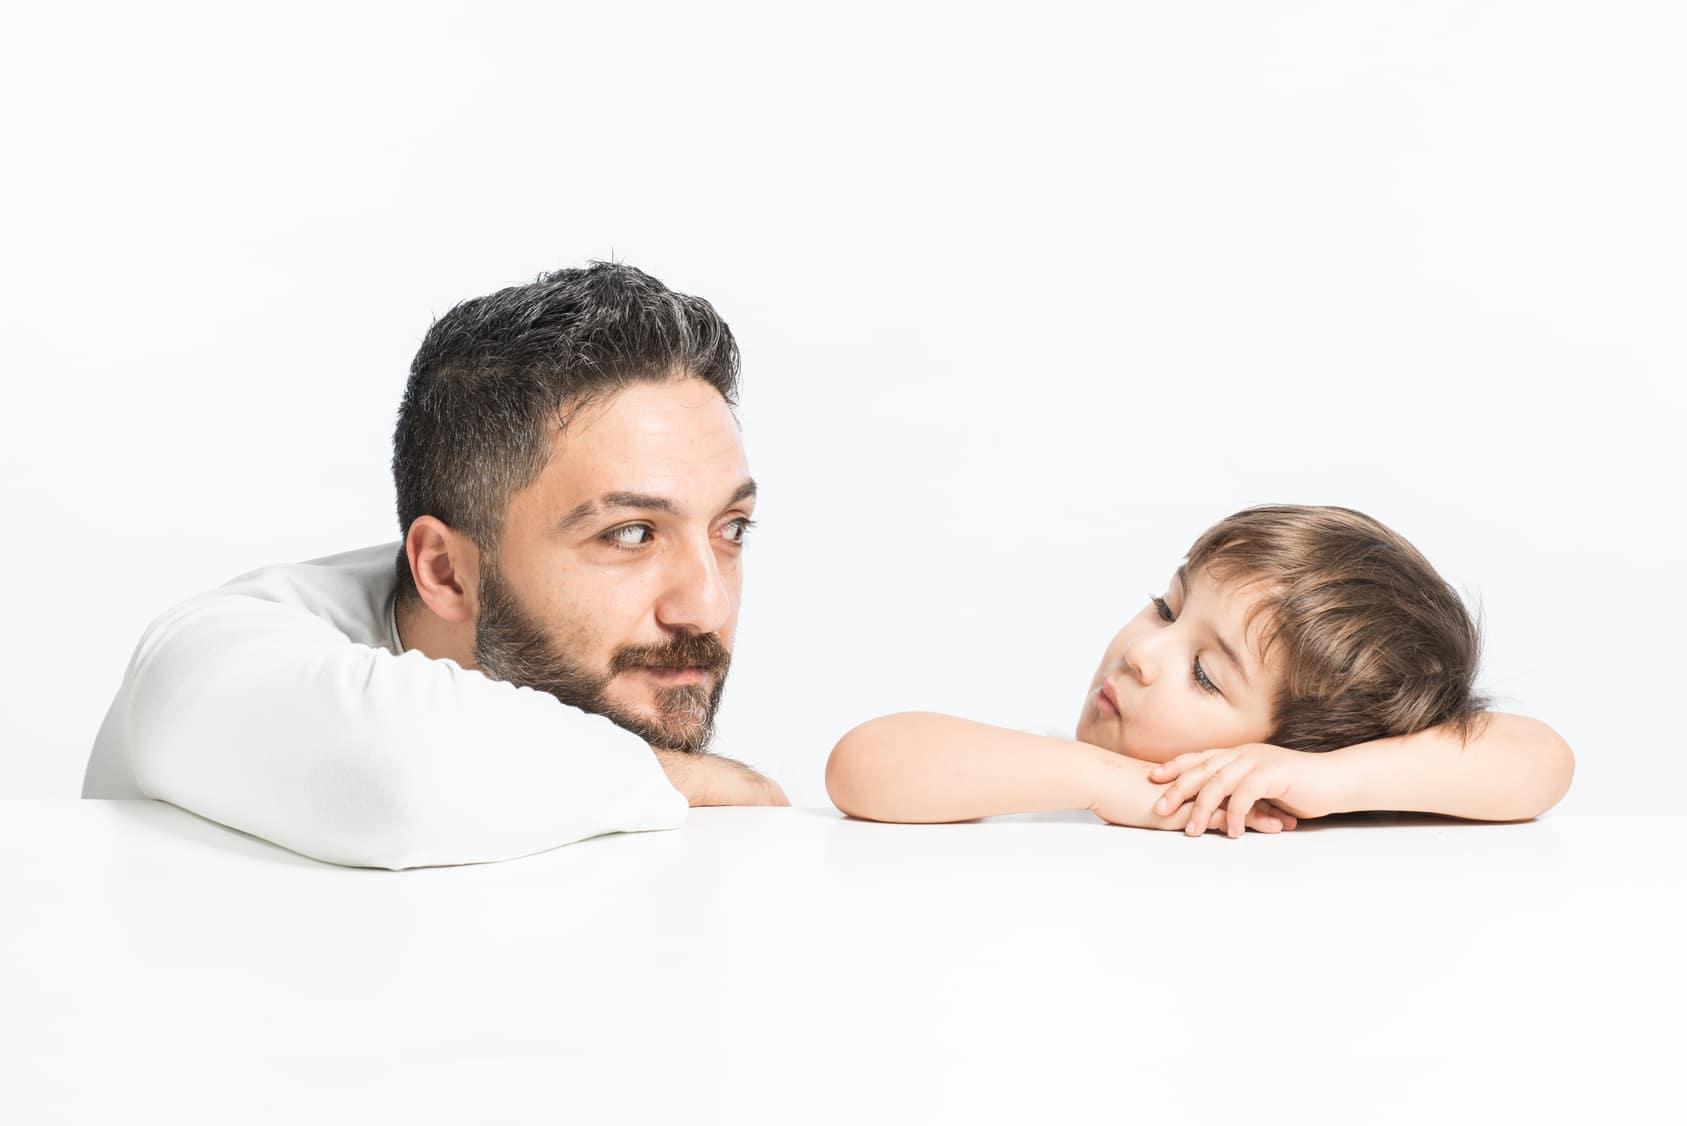 Ein Mann sitzt mit seinem kleinen Sohn an einem Tisch und unterhält sich mit ihm. Der Vater hört intensiv zu um das Selbstbewusstsein des kindes zu stabilisieren. Der Hintergrund ist glänzend weiss ohne weitere Elemente. Der Mann hat kurze graue Haare und trägt einen Vollbart. Bekleidet sind beide mit einem weissen Pullover.